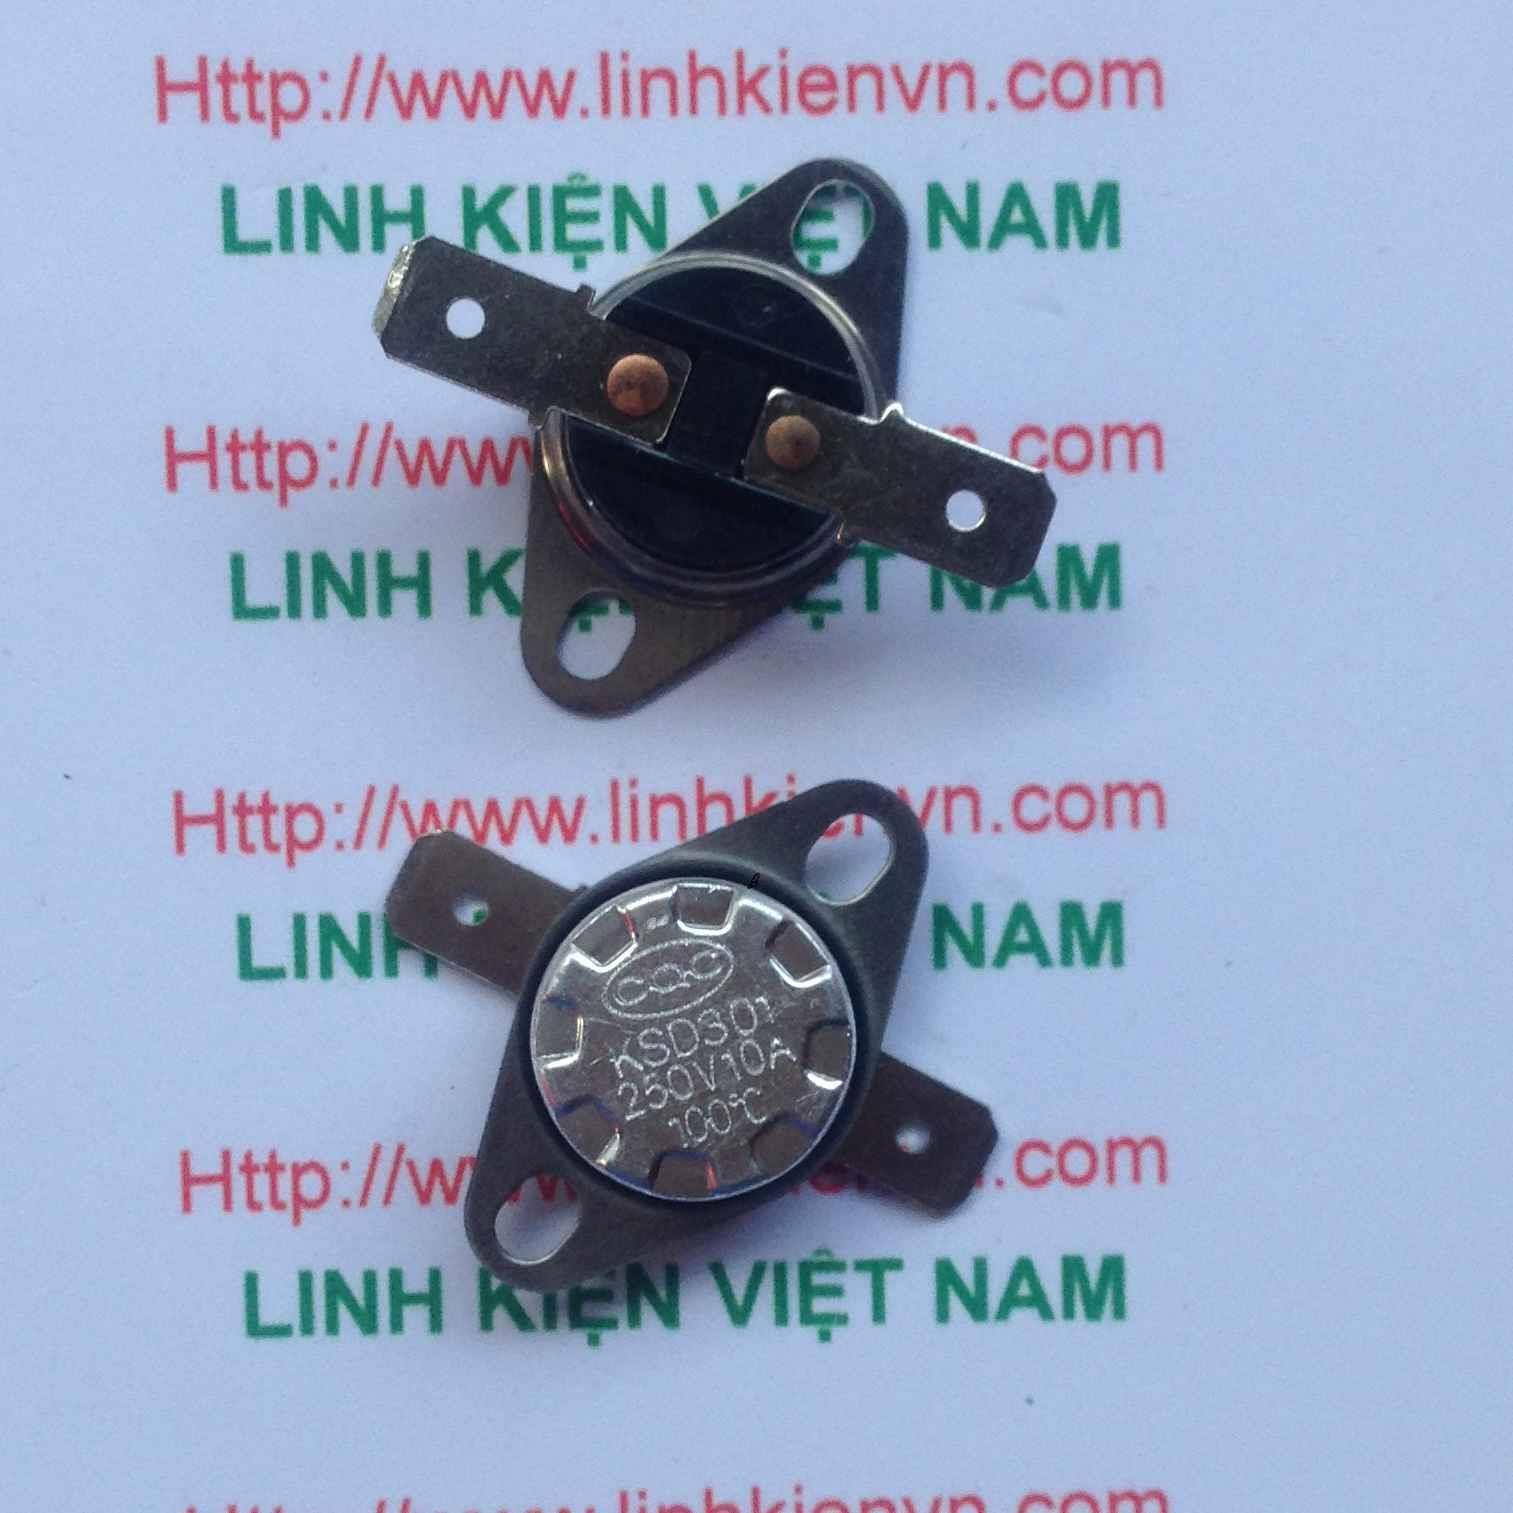 Relay nhiệt 100 độ KSD301 10A/250V - G3H8 Thường đóng - rơ le nhiệt